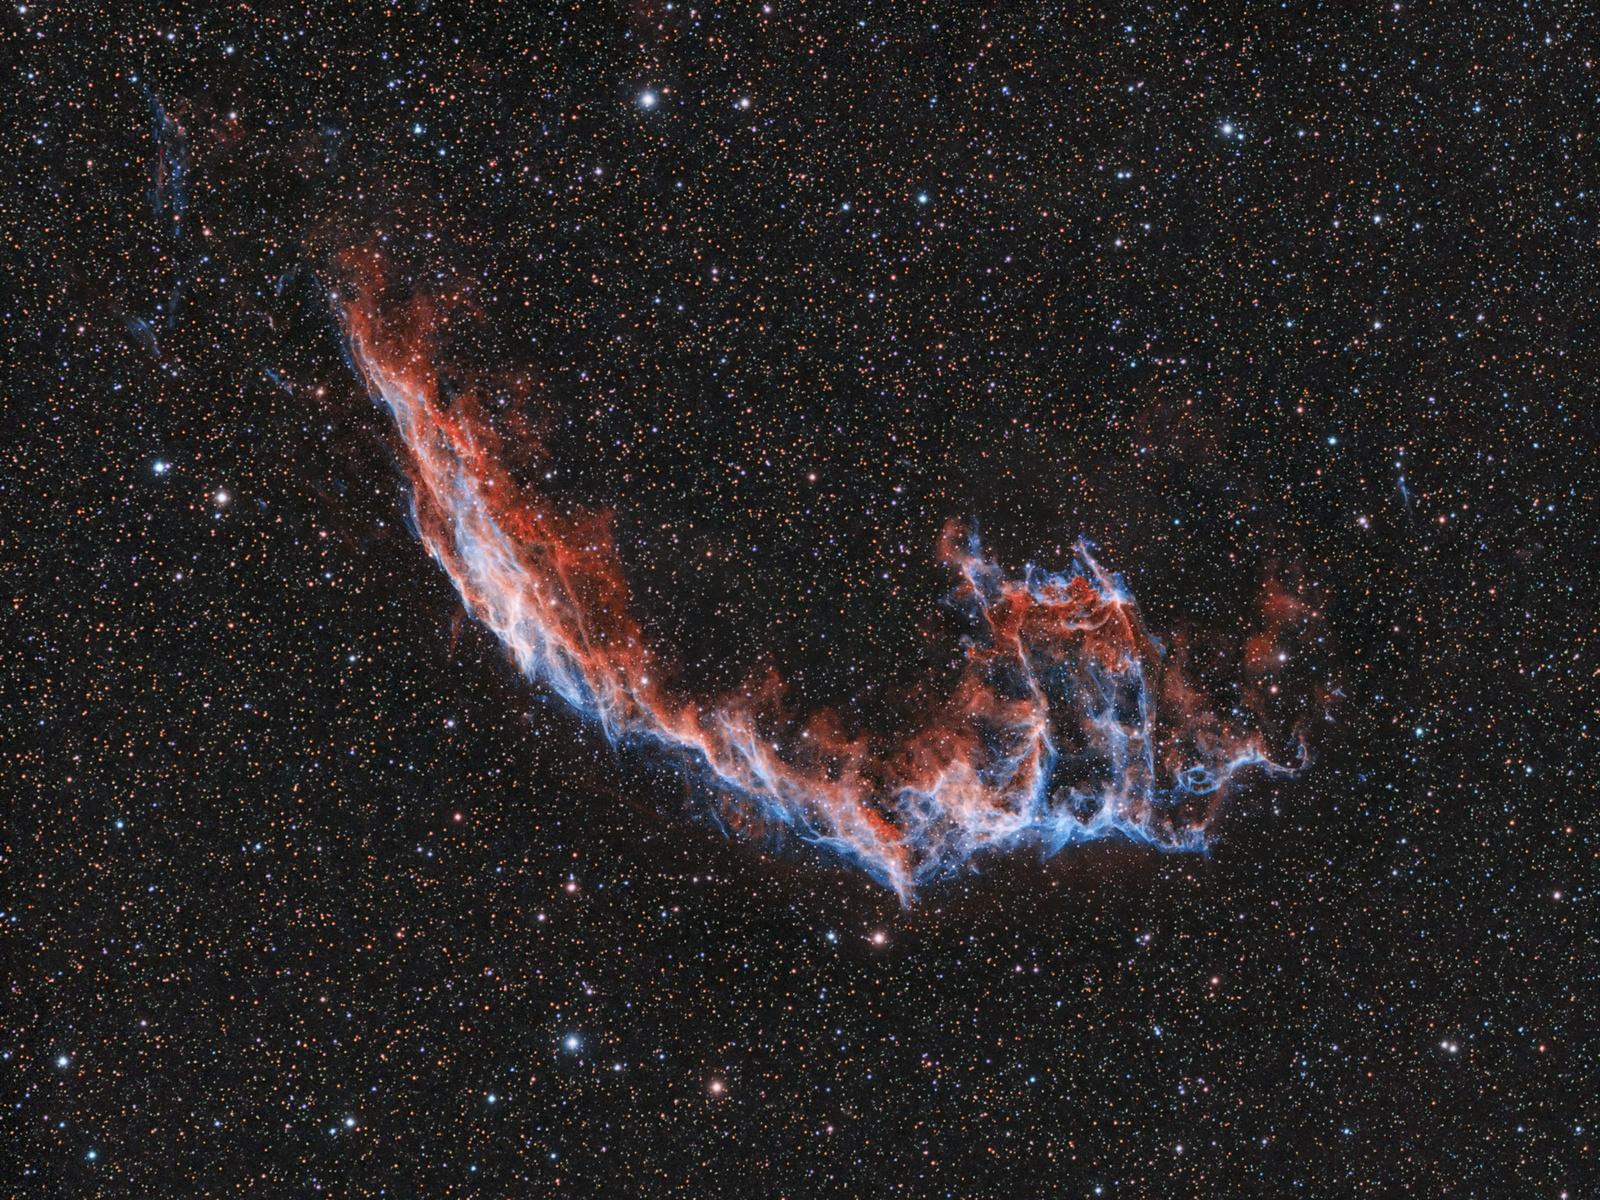 2147125694_NGC6992_2019_tar_h(ho)orgb_cr2000.thumb.jpg.2dfbb4d6bcb8b31f89bed25af39b52e7.jpg